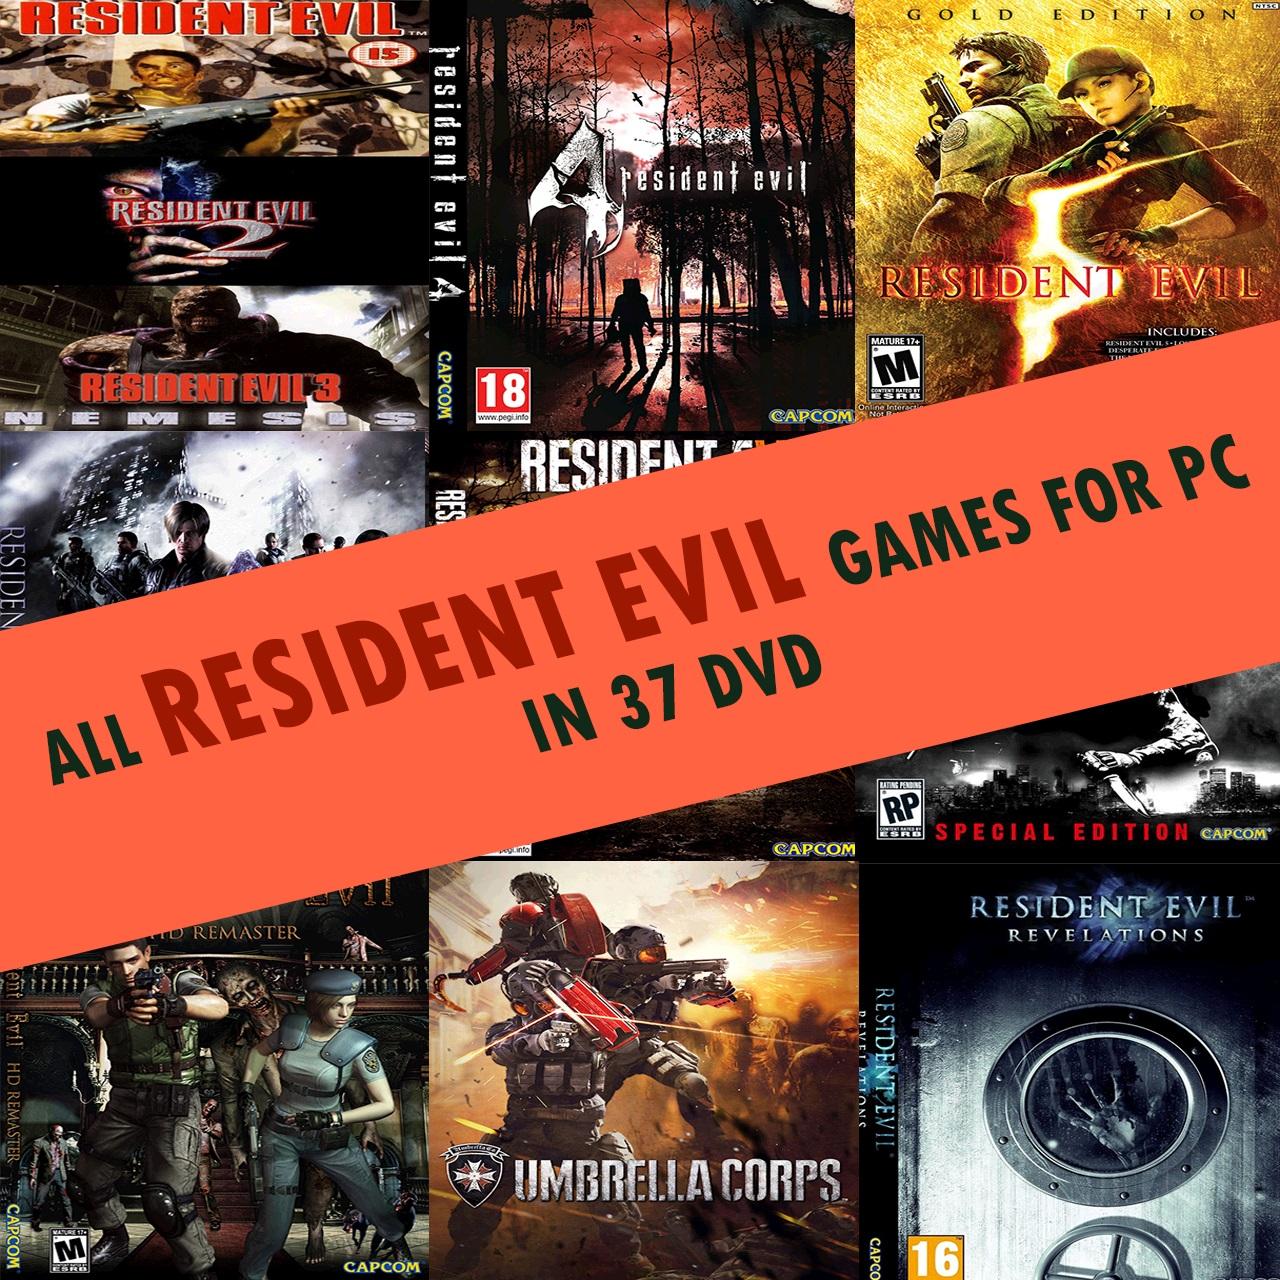 مجموعه بازی هایRESIDENT EVIL مخصوص کامپیوتر